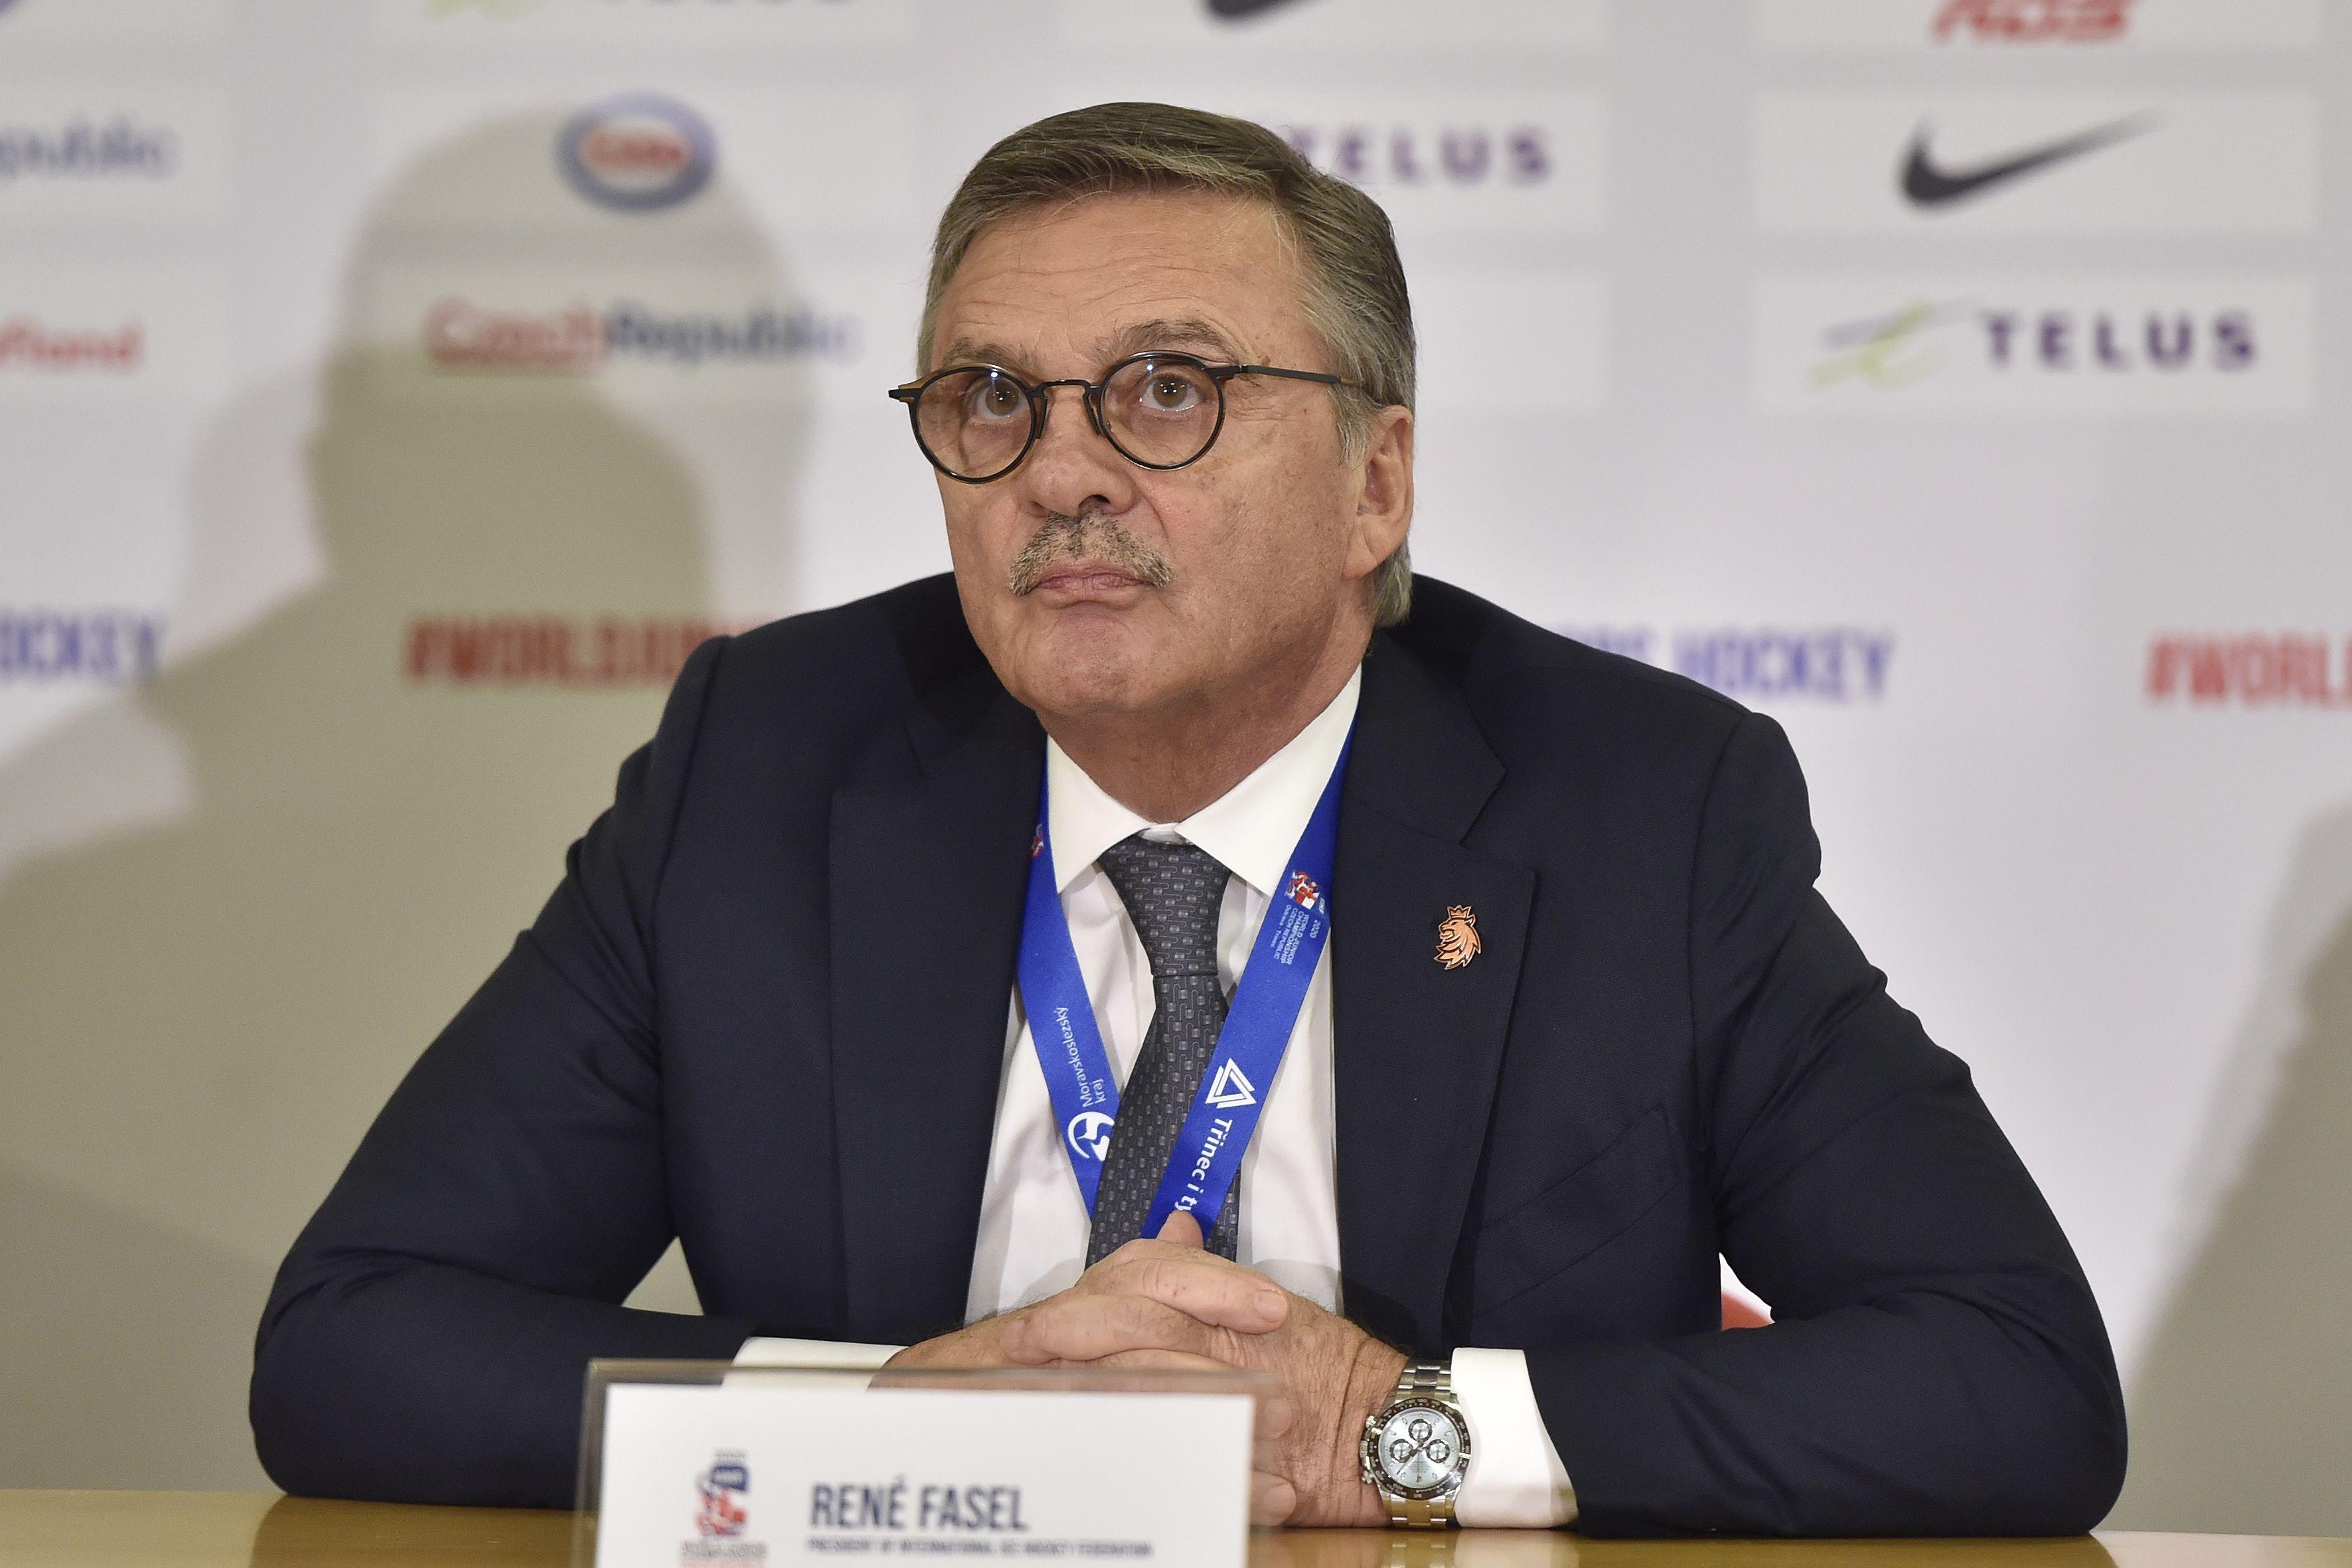 Фазель сообщил, что только чудо поможет Белоруссии принять чемпионат мира по хоккею в 2021 году